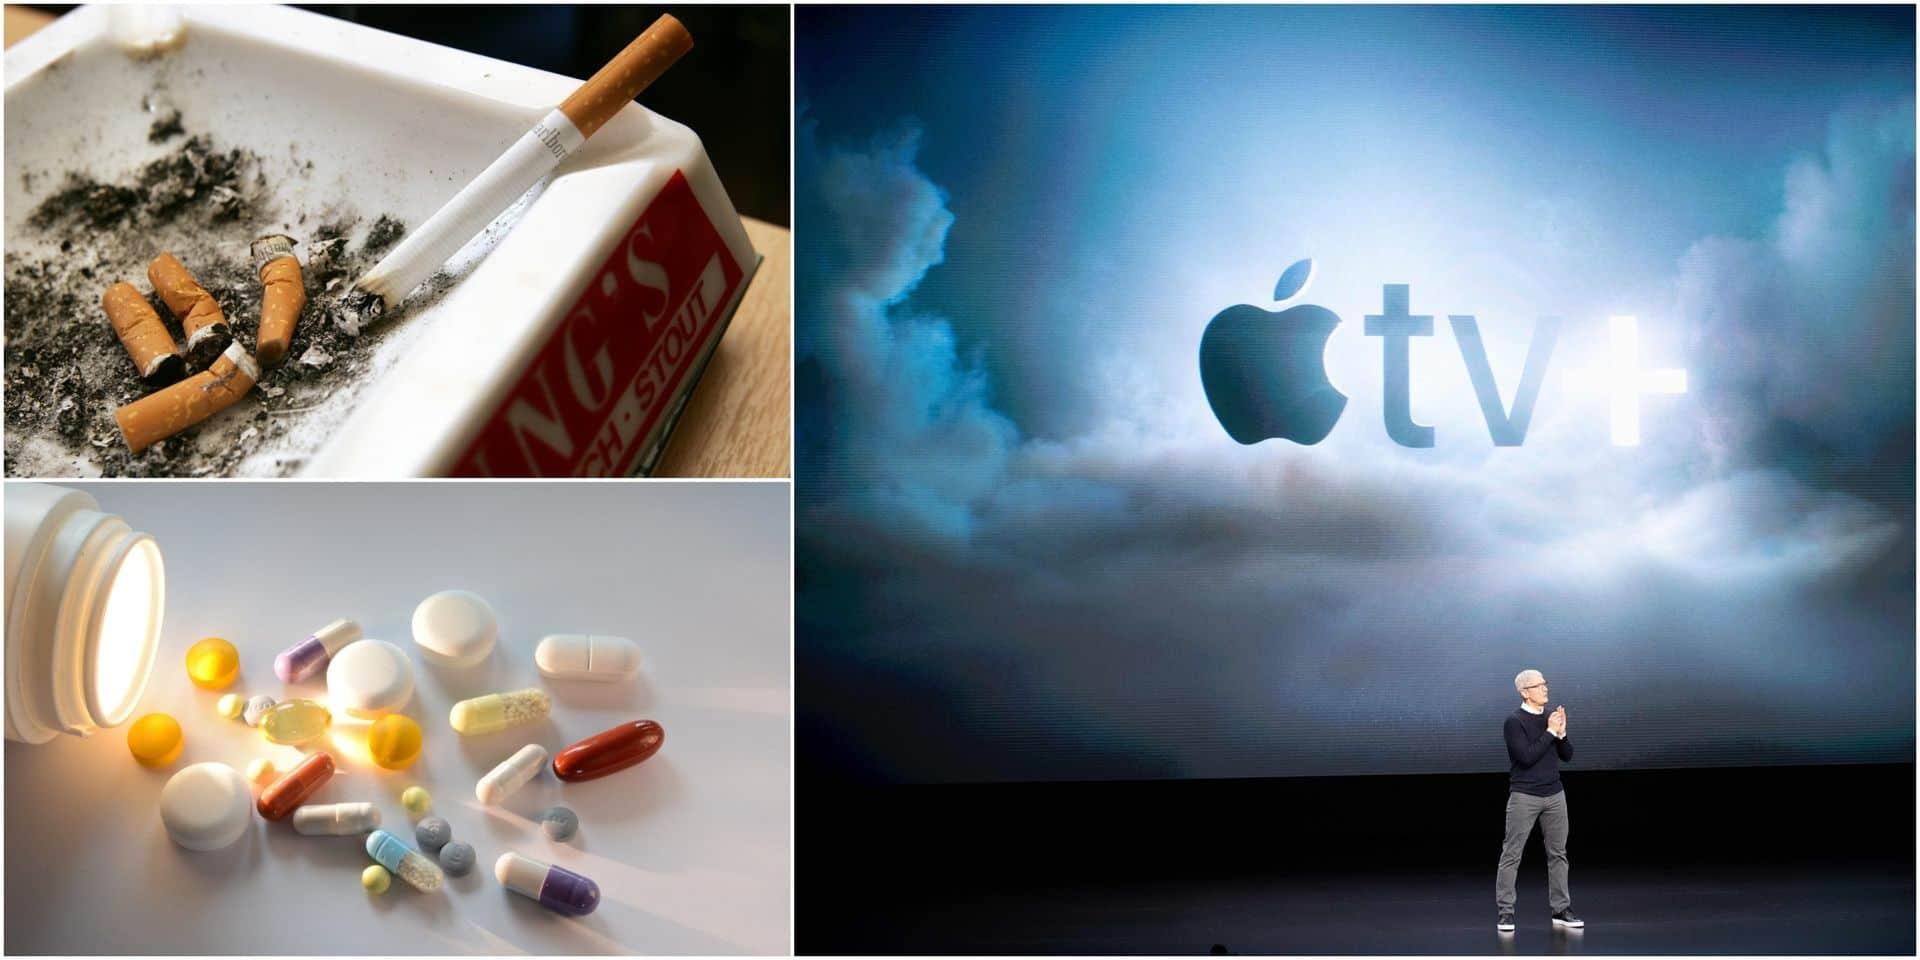 Vente de tabac, Apple TV+, prescriptions, ... Tout ce qui change ce 1er novembre